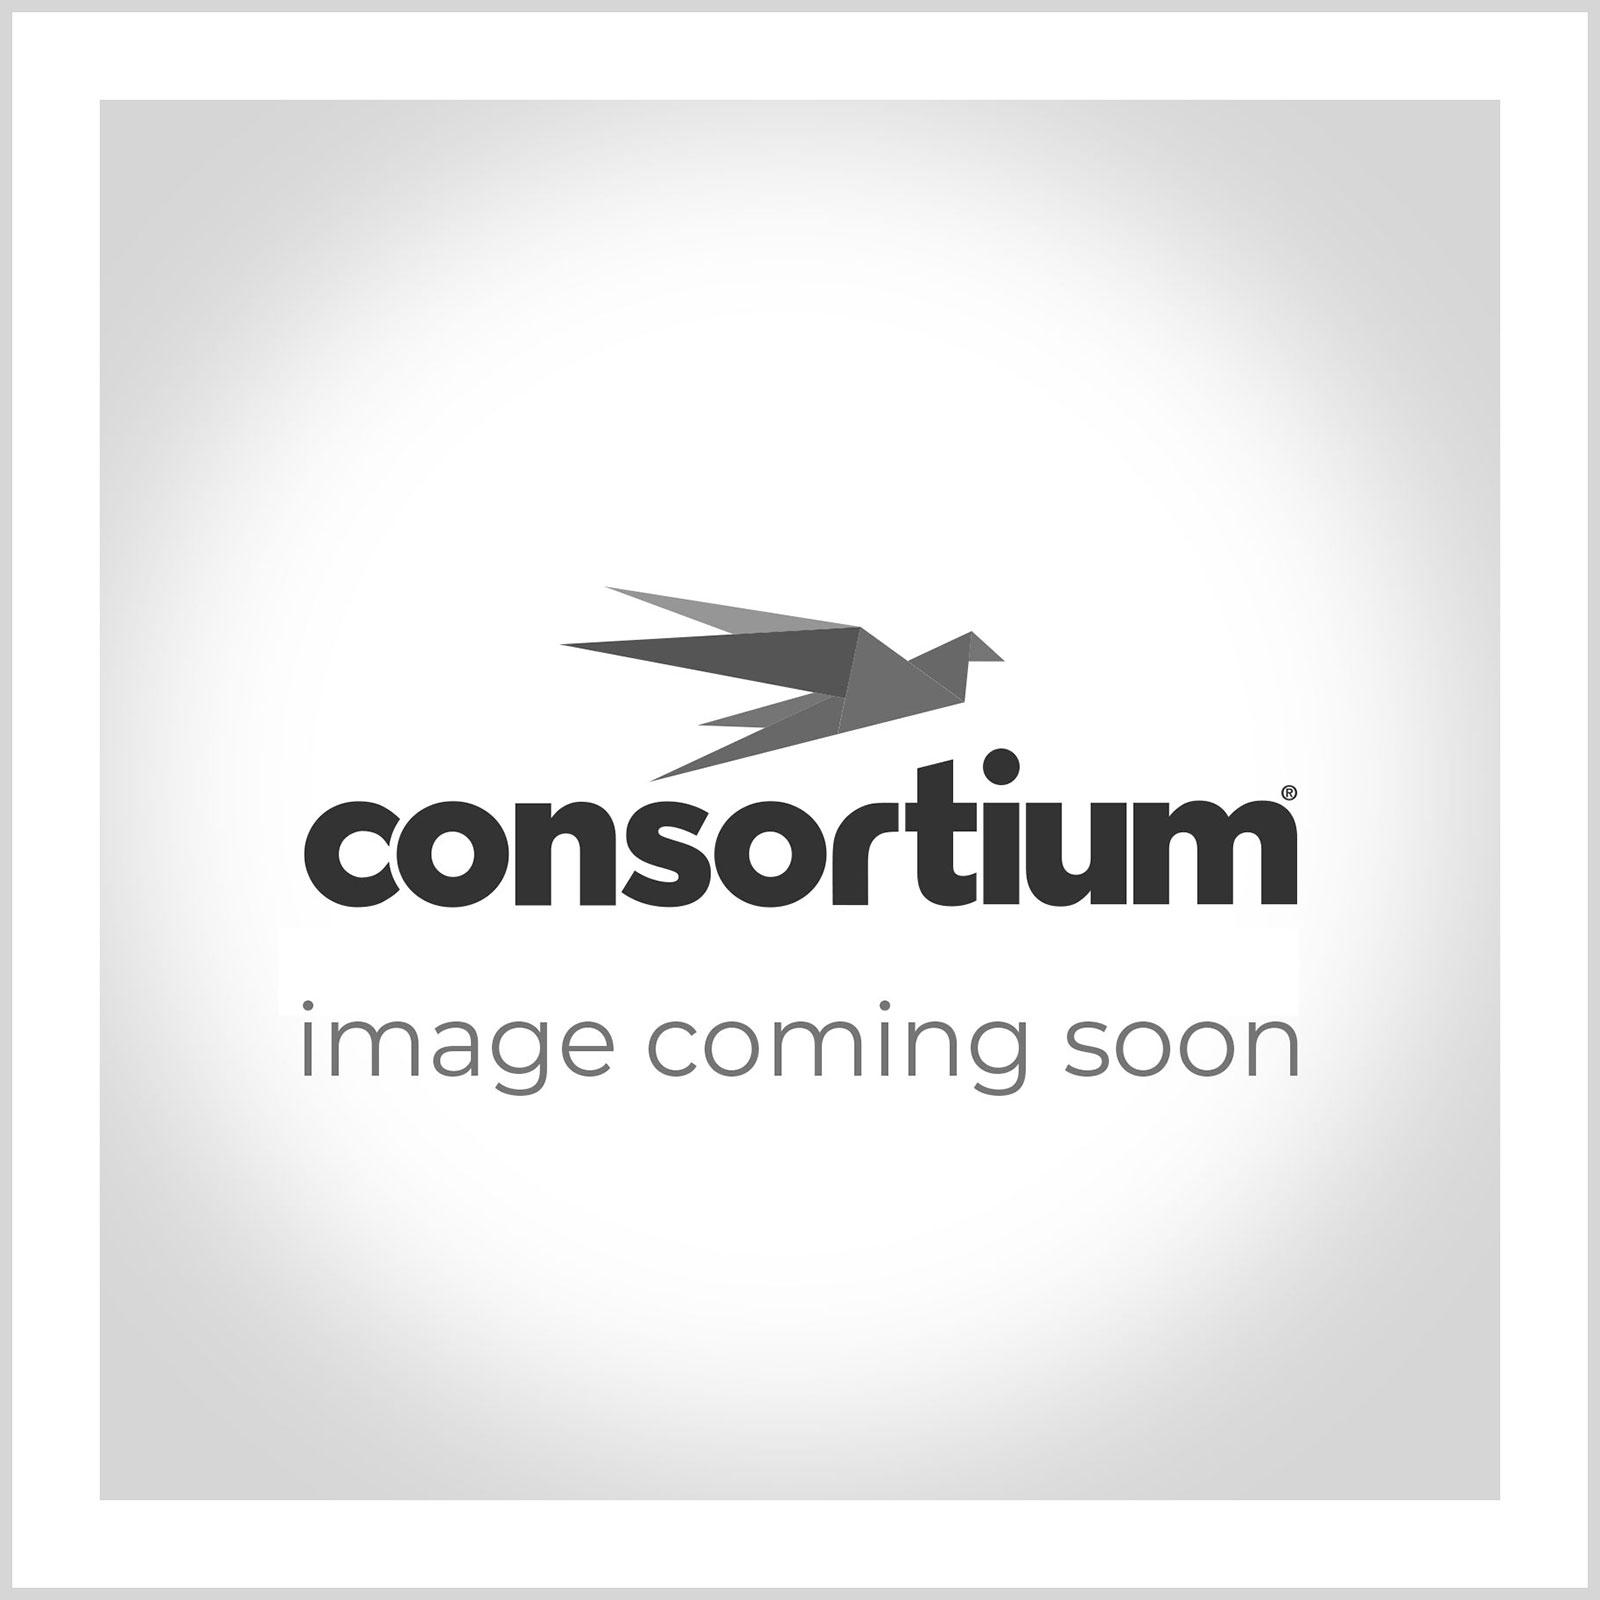 Consortium Half Width Hand Towels 1 Ply